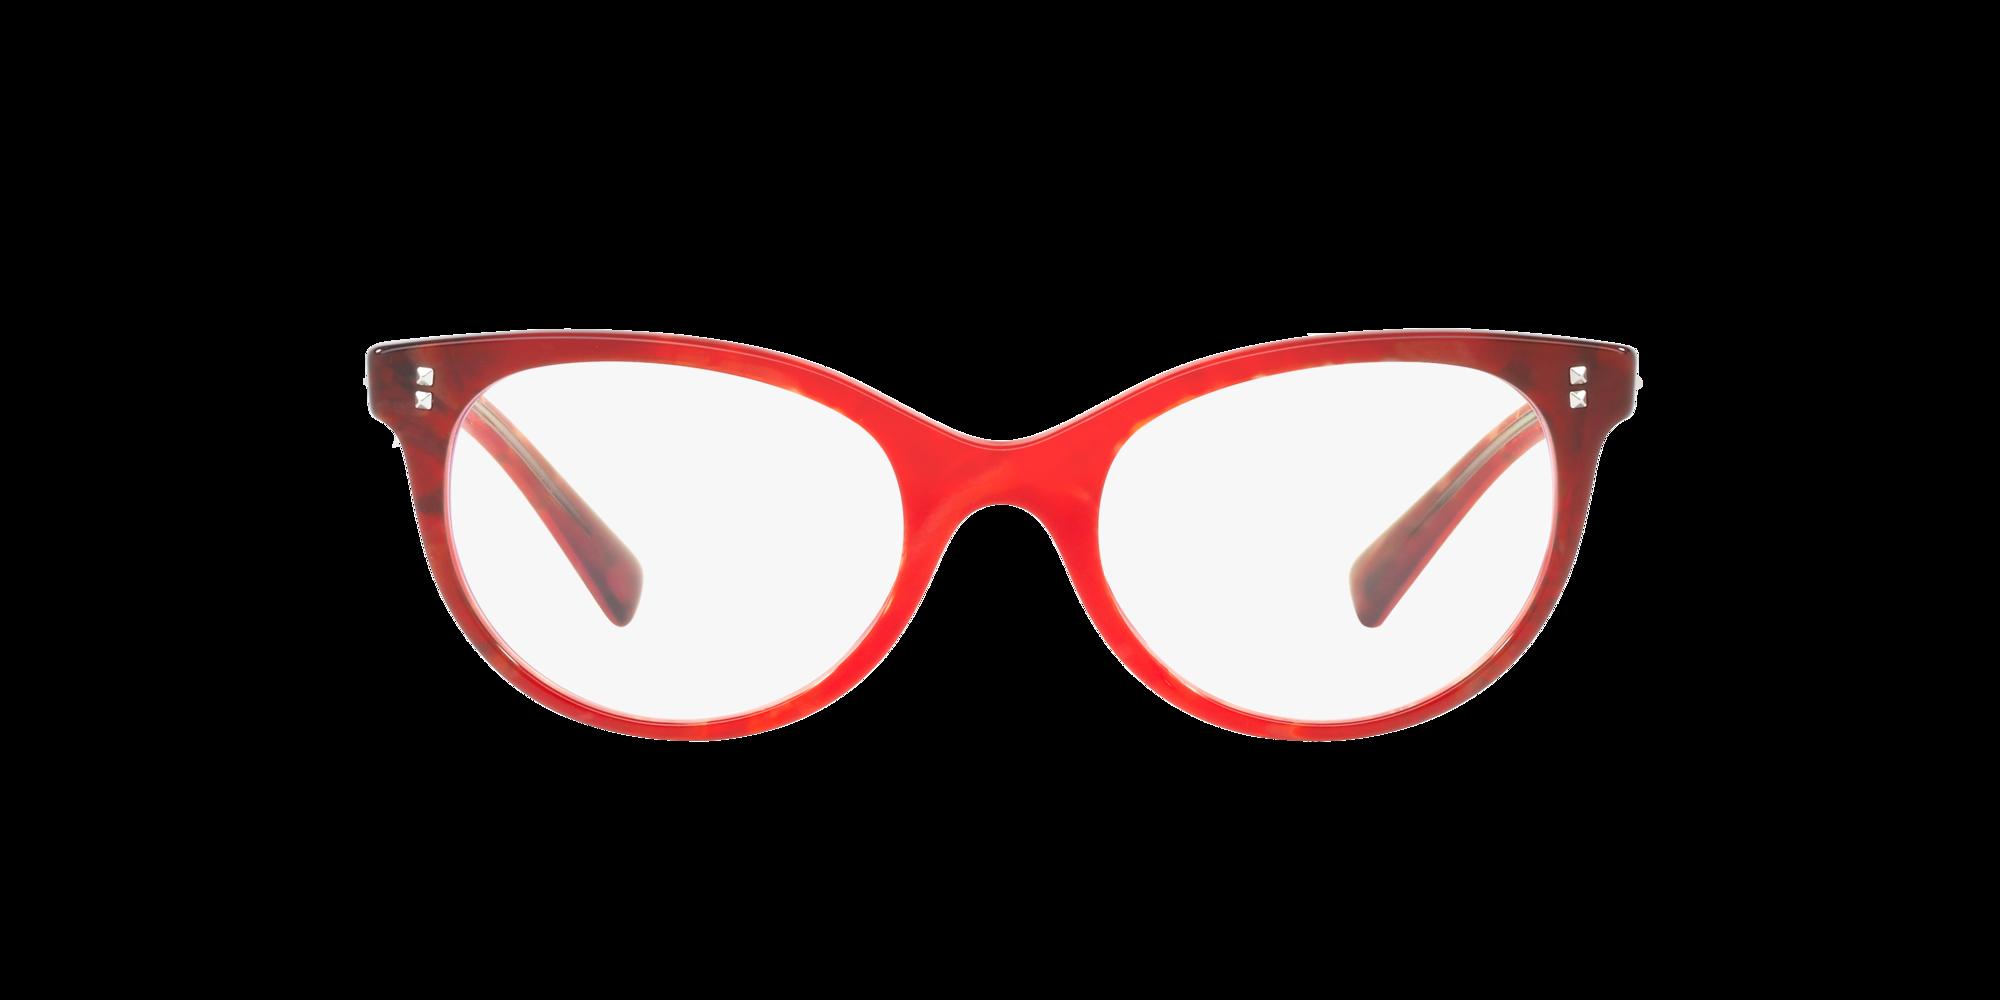 Imagen para VA3009 de LensCrafters |  Espejuelos, espejuelos graduados en línea, gafas